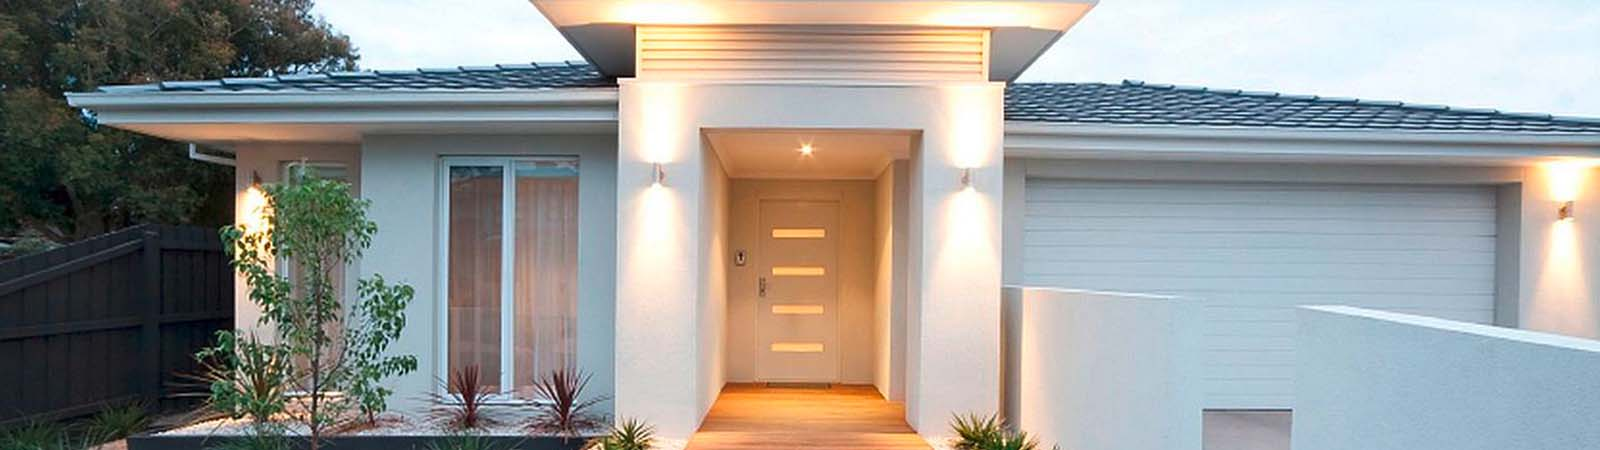 die projektdata immobilien ag immobilien in baden baden. Black Bedroom Furniture Sets. Home Design Ideas